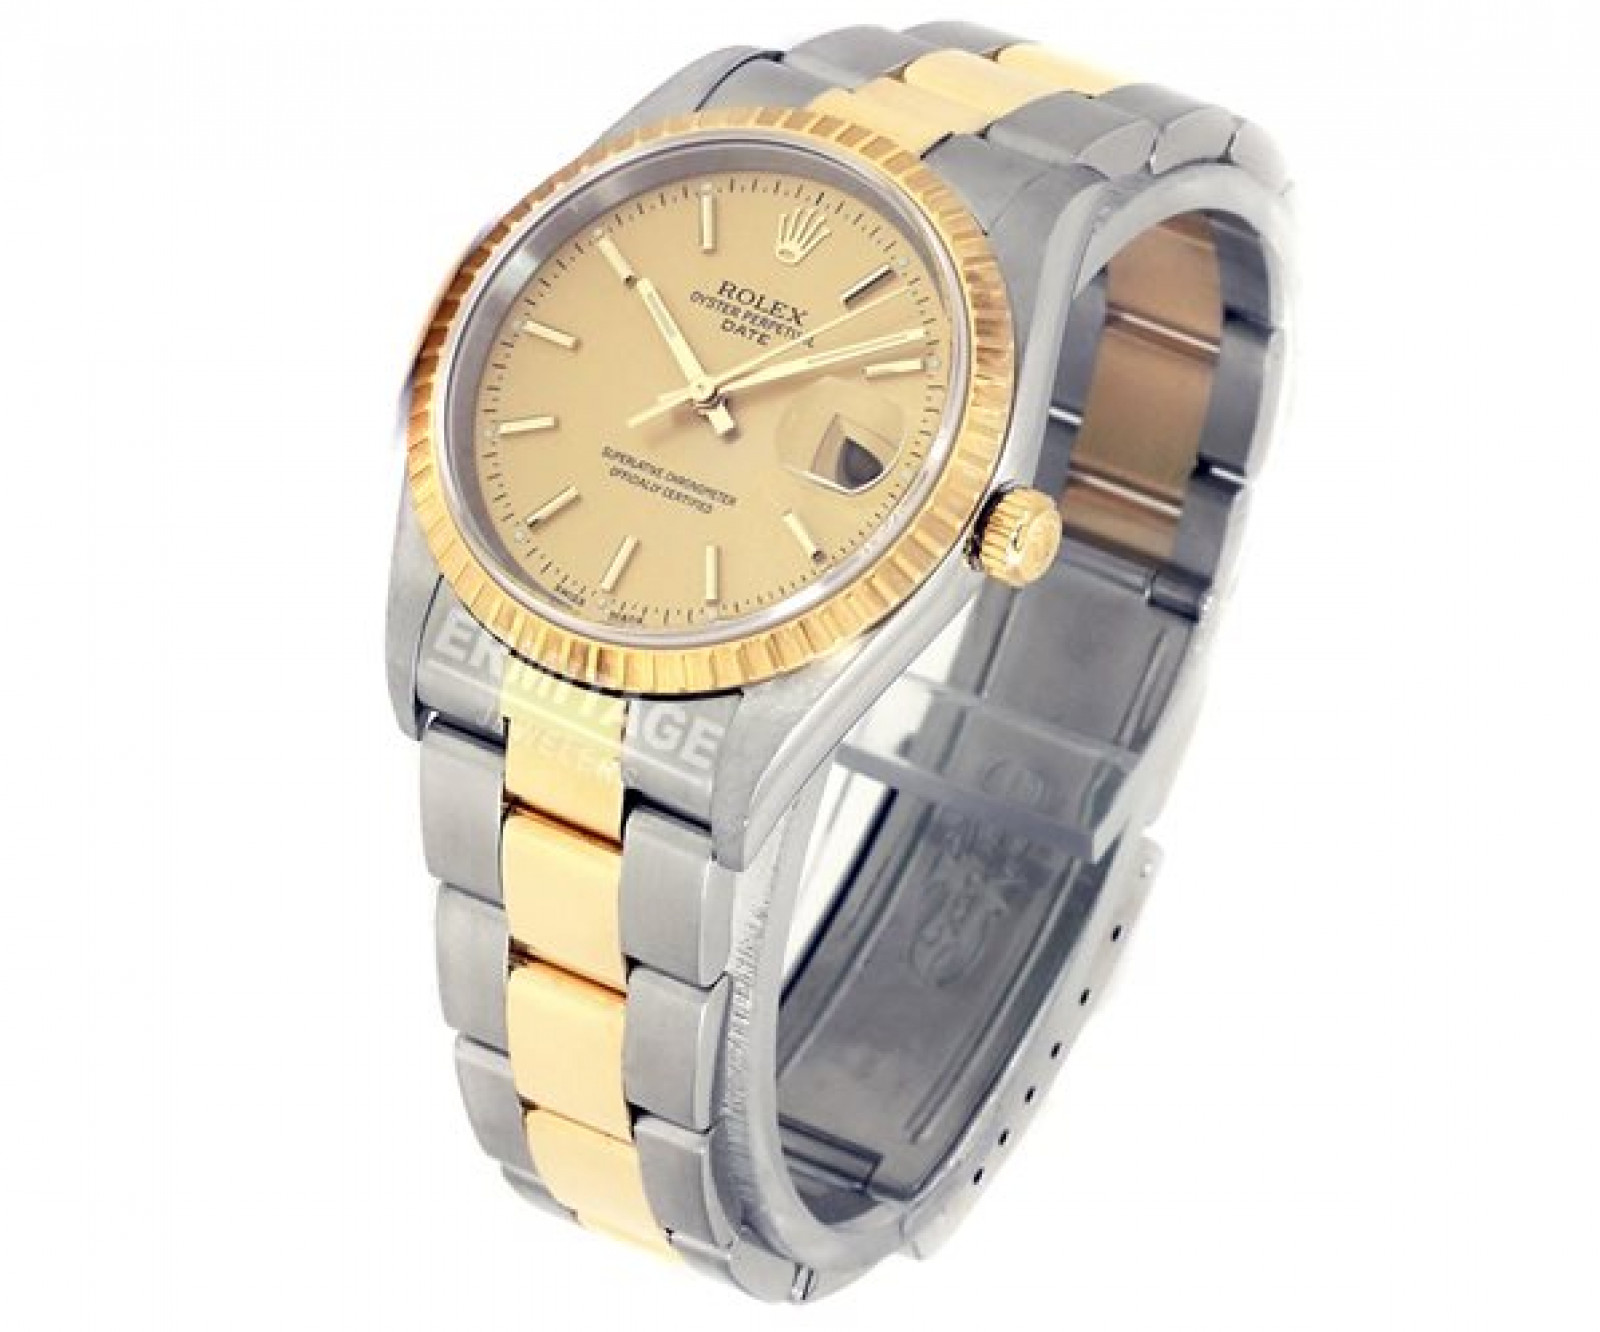 Rolex Date 15223 Gold & Steel Year 2010